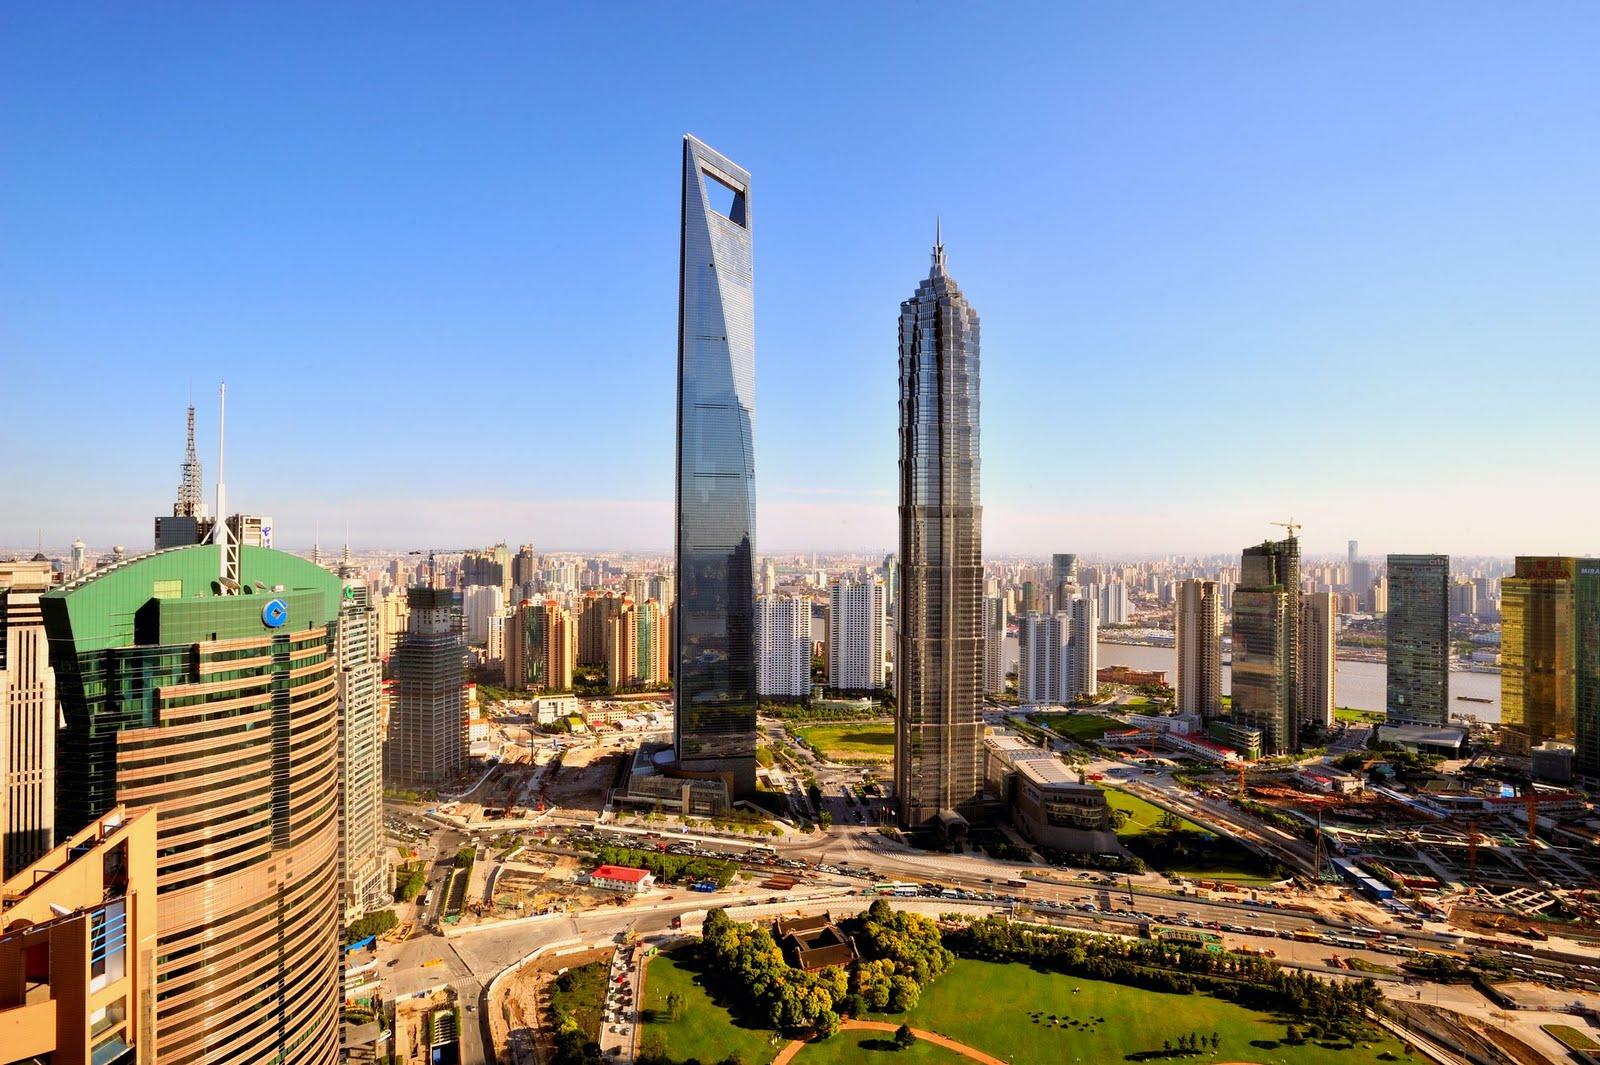 Бурдж халифа - самый высокий небоскреб в мире в дубае, оаэ: отзывы, фото и видео, на карте, где находится. высота башни бурдж халифа: сколько этажей, сколько метров? » карта путешественника